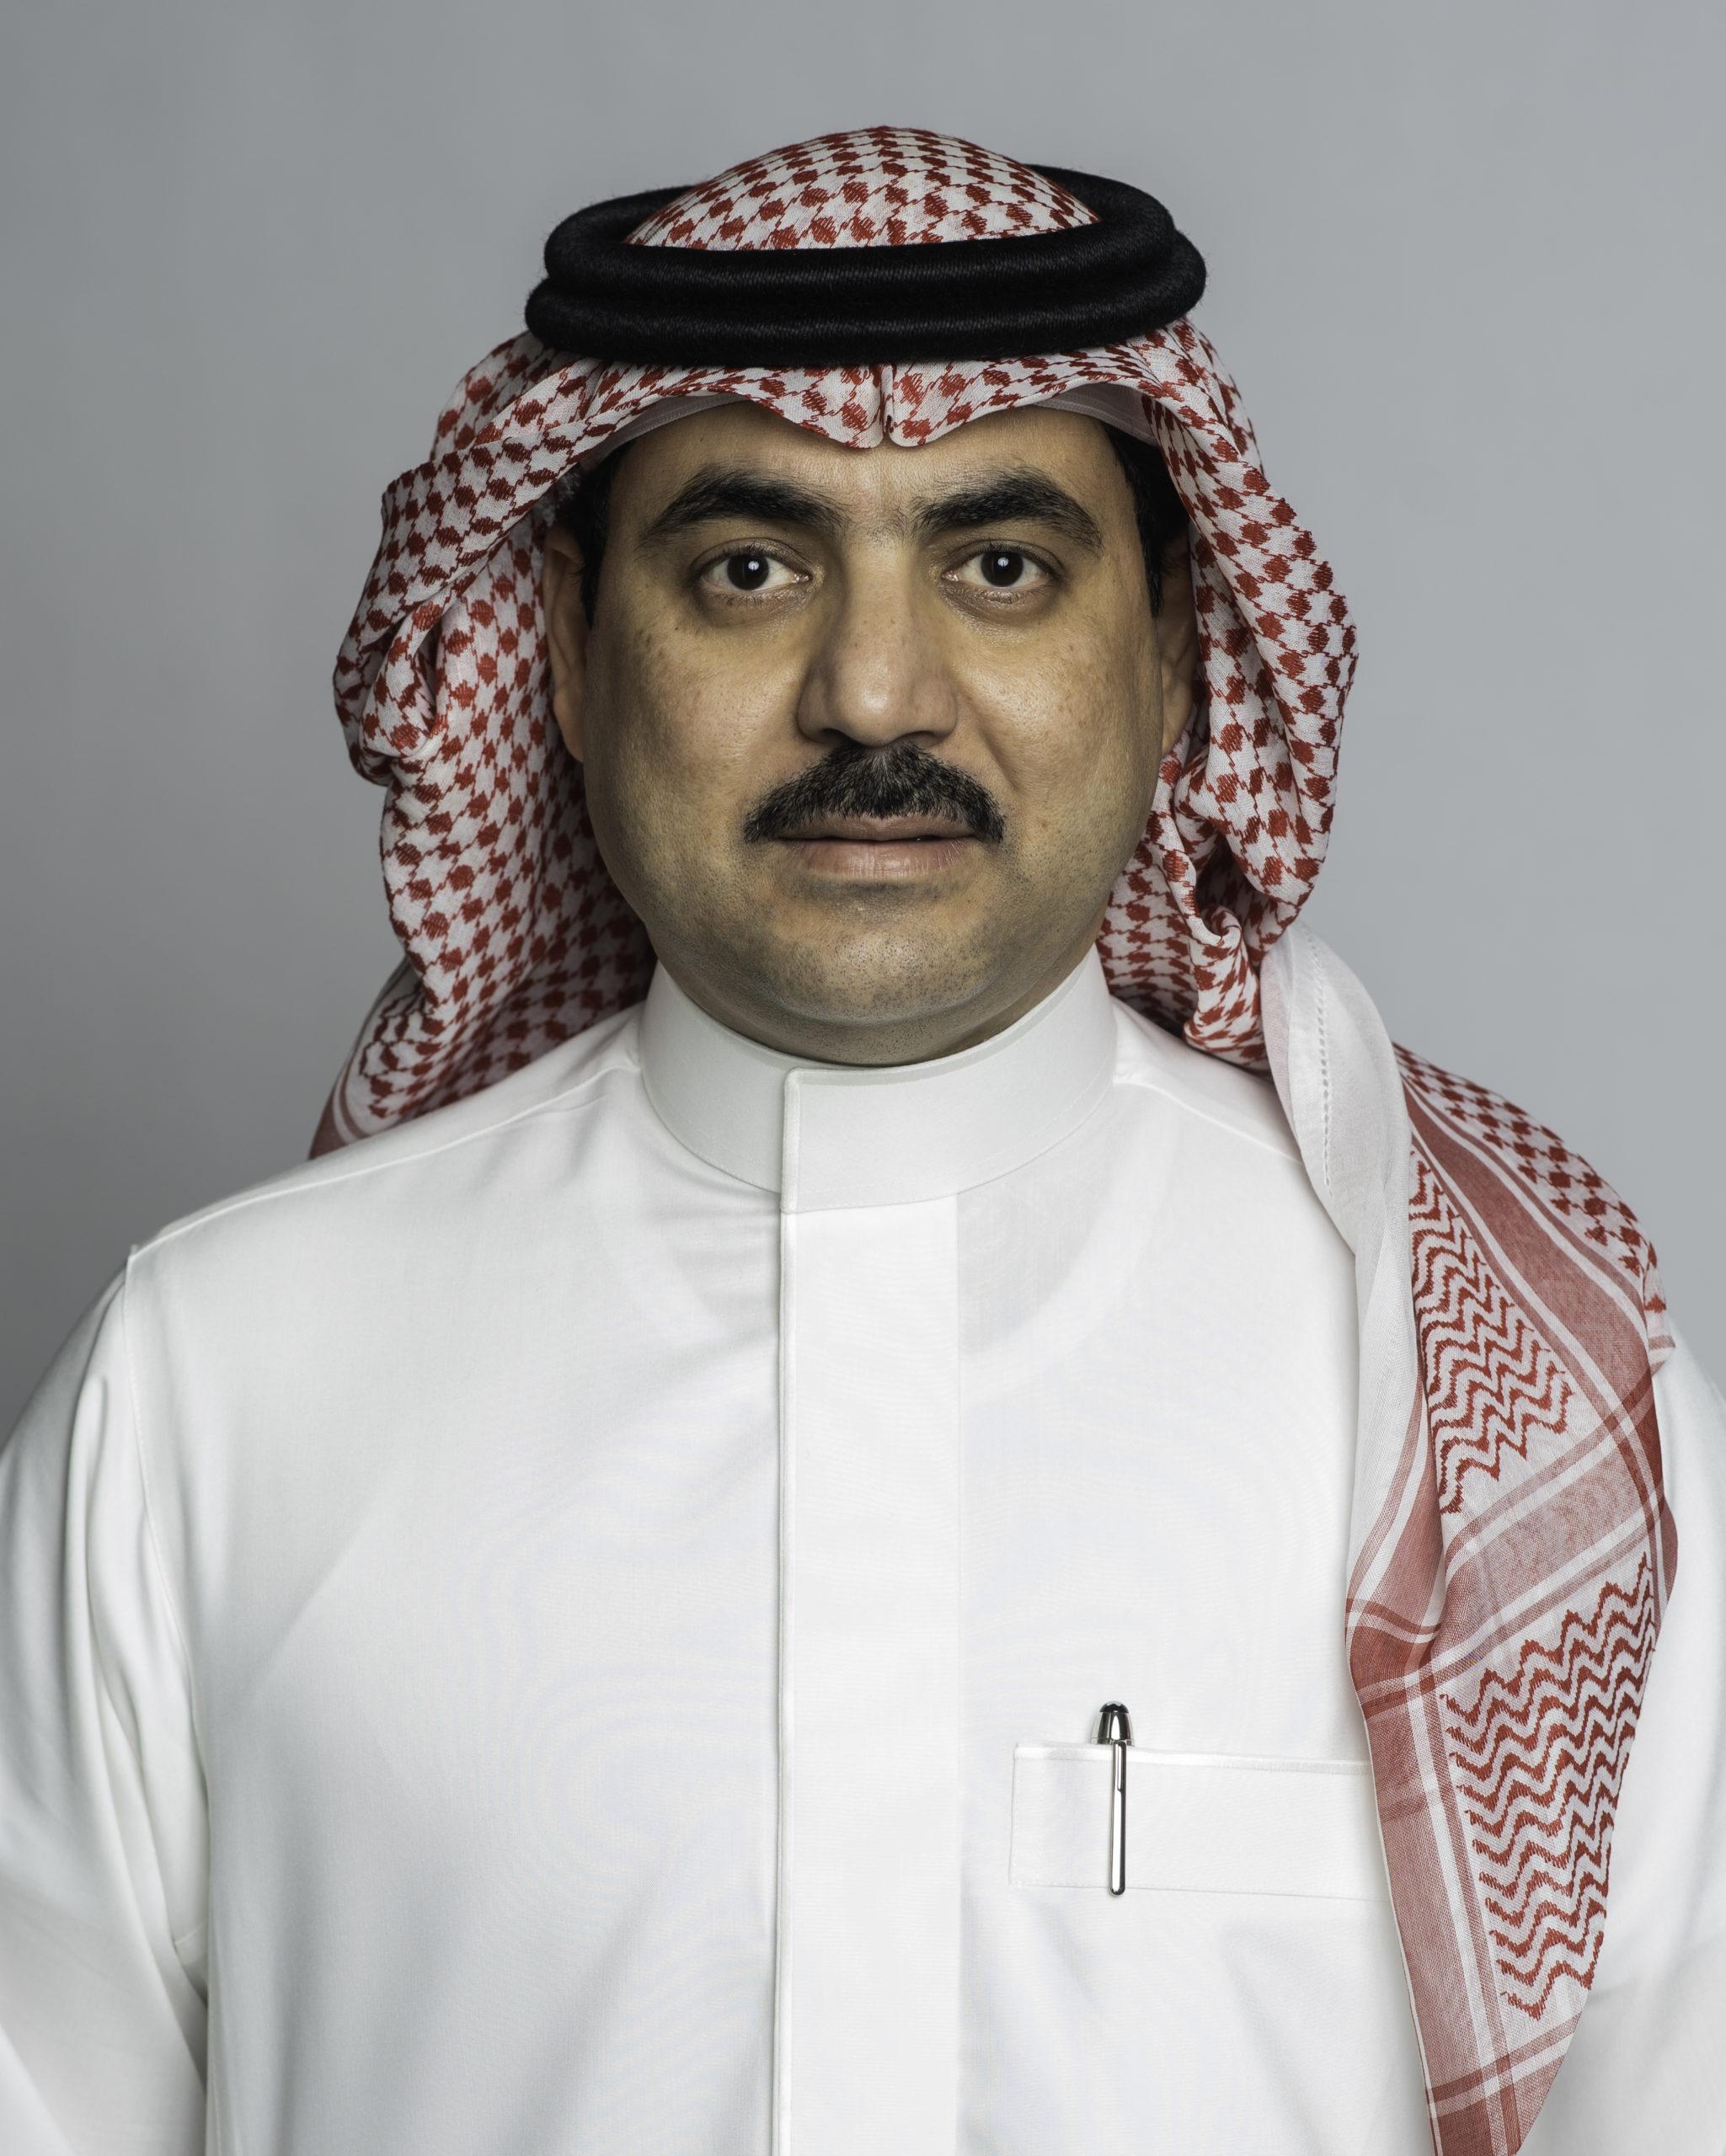 Mr. Turki Abdullah Al Rajhi